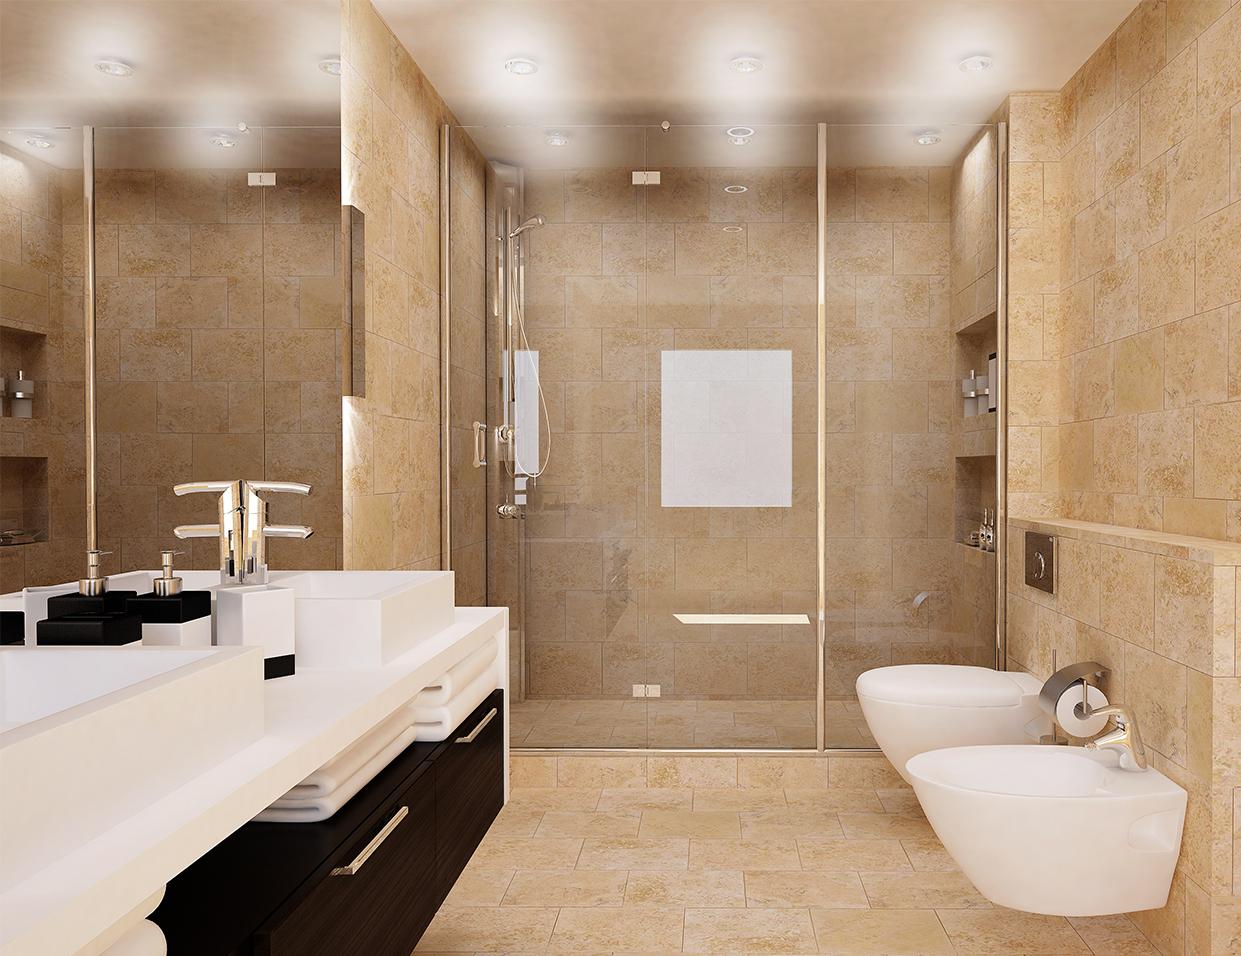 La marbrerie denis jean luc ma trise la r alisation de for Carrelage marbre salle de bain